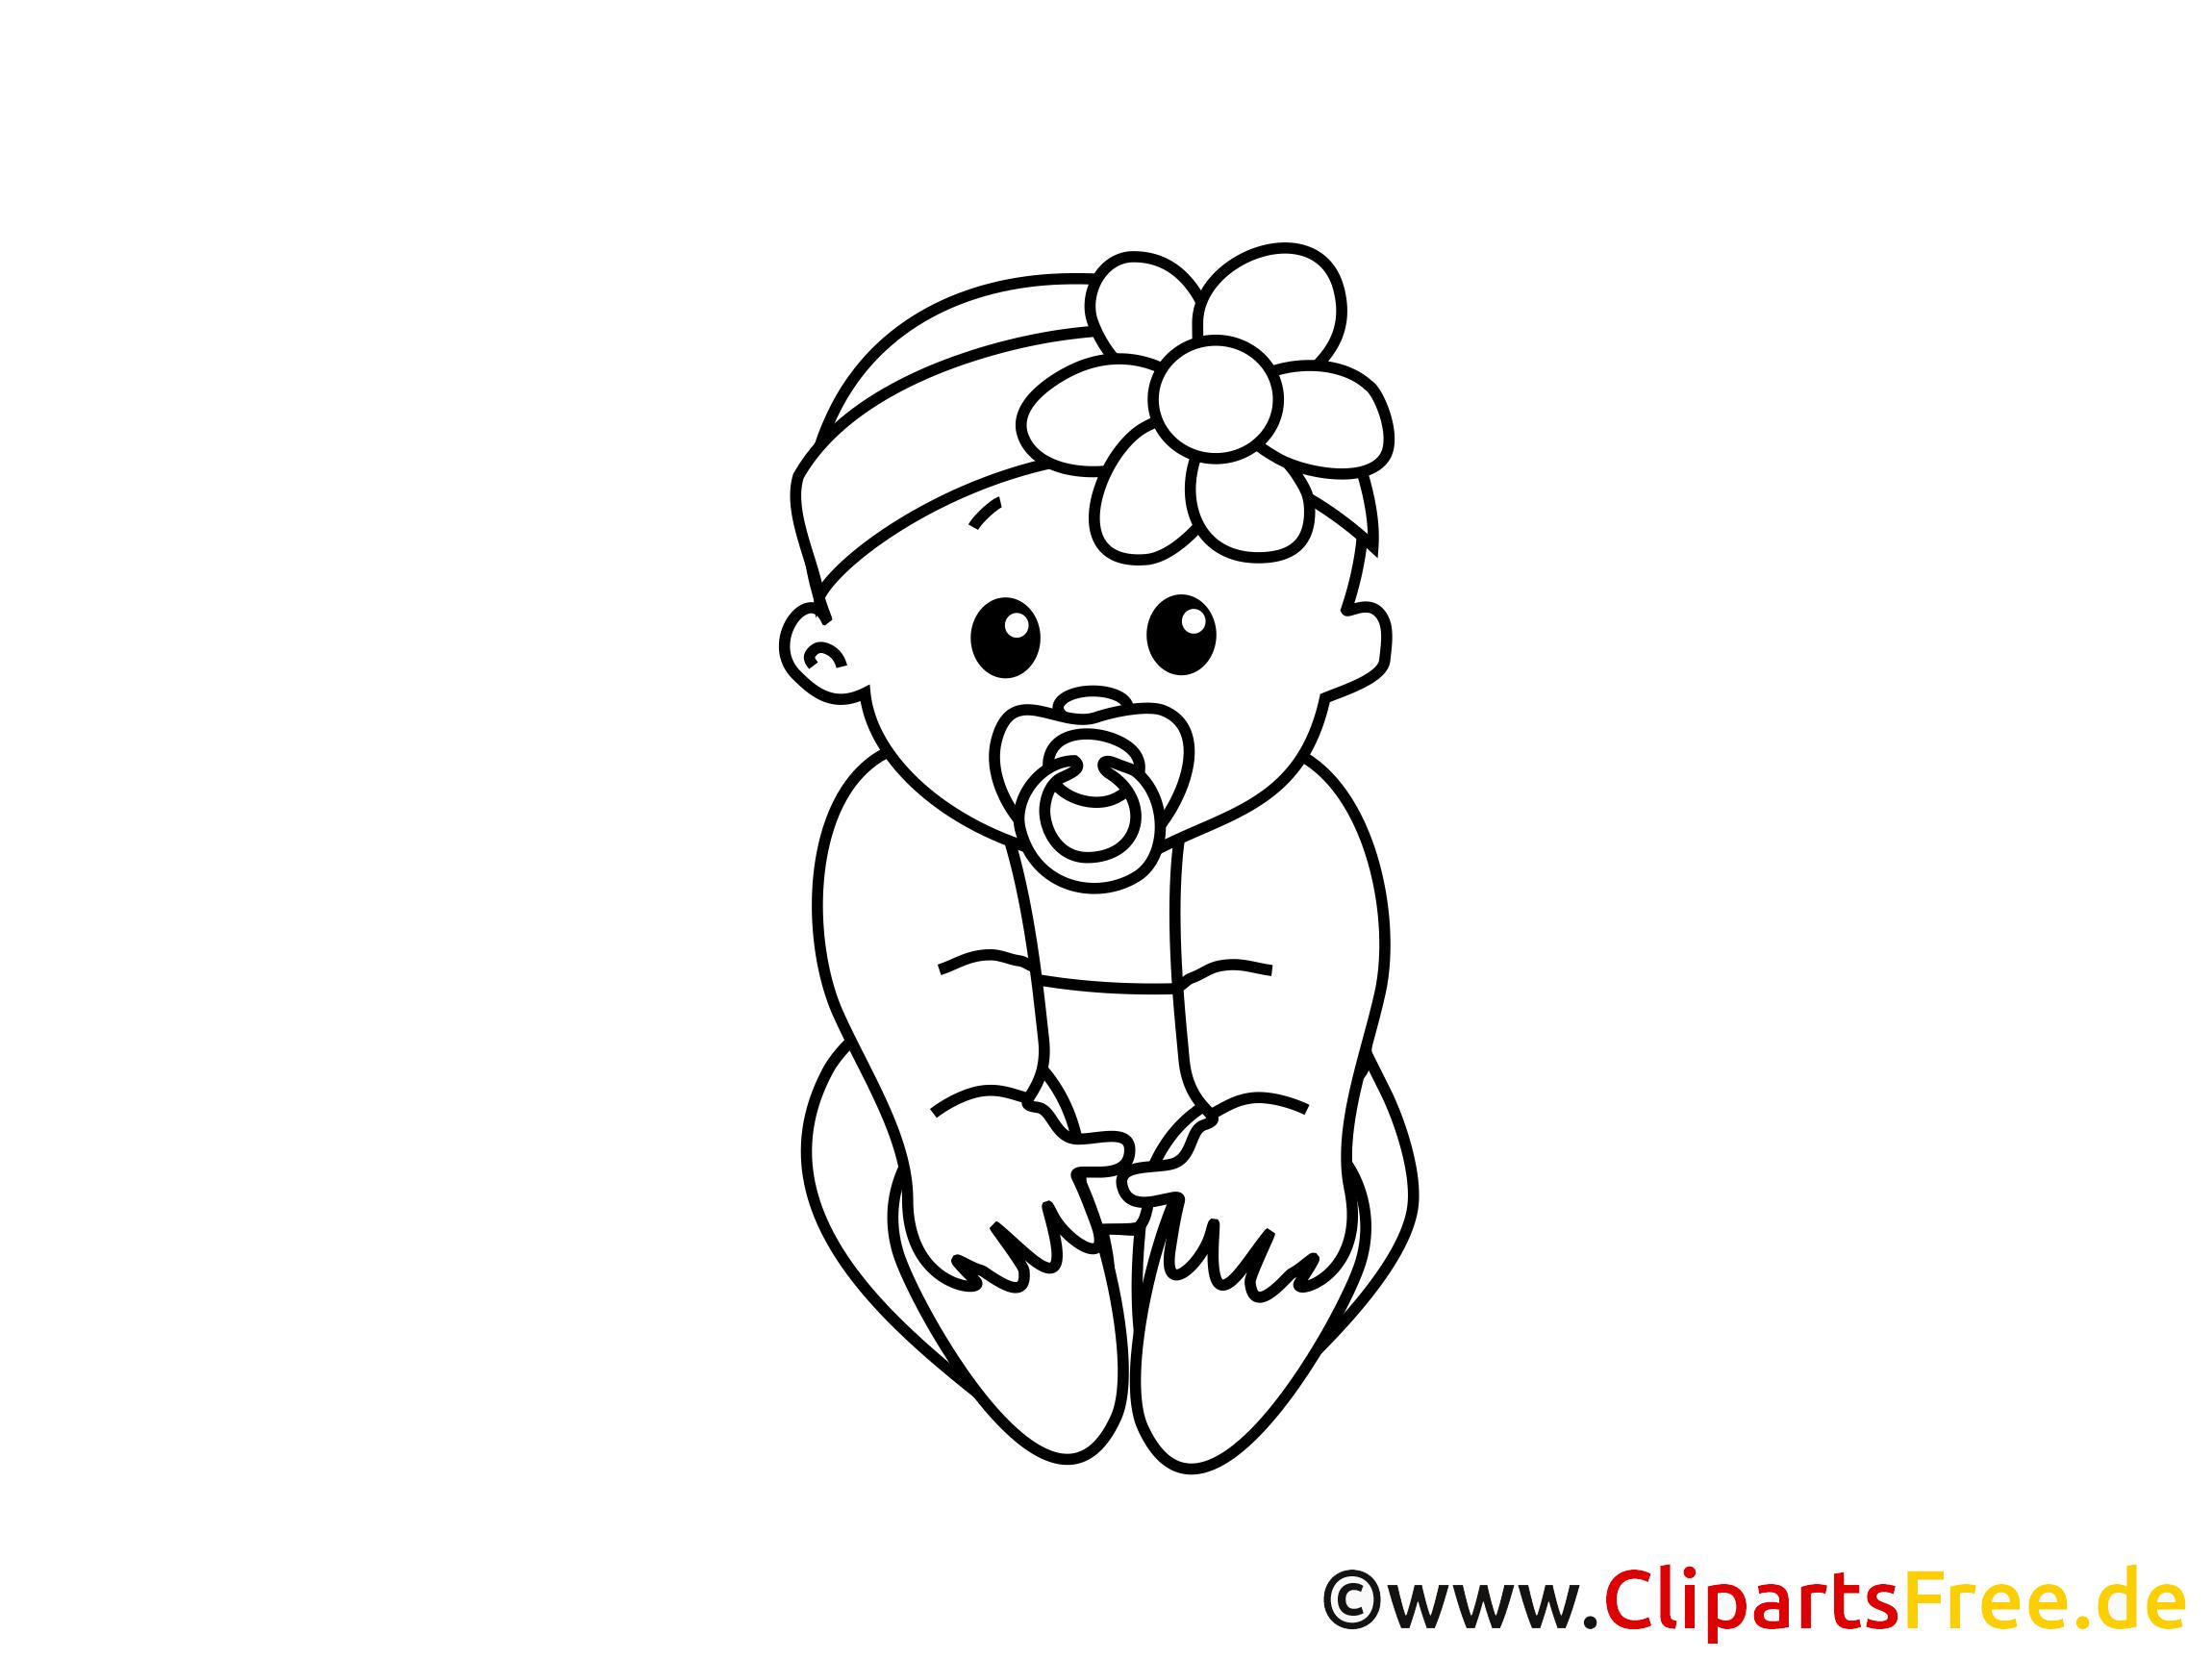 kleines baby bild zum ausdrucken und ausmalen